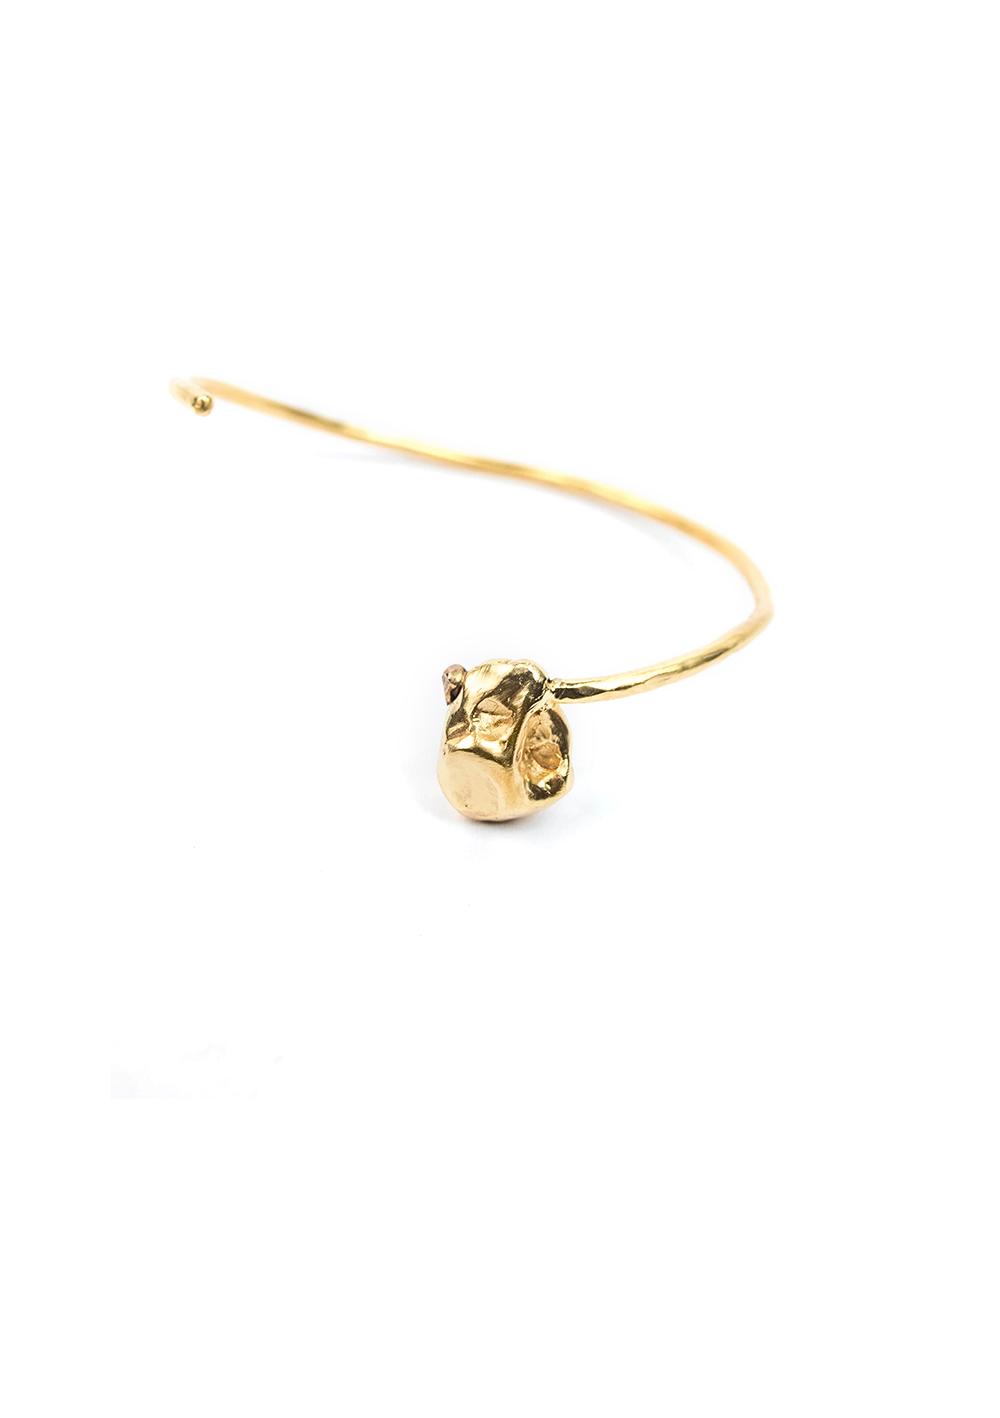 Bracelet Jonc Irrégulier – Doré à l'or fin 24 carats   Bresma   Label AÉ Paris - Image 2